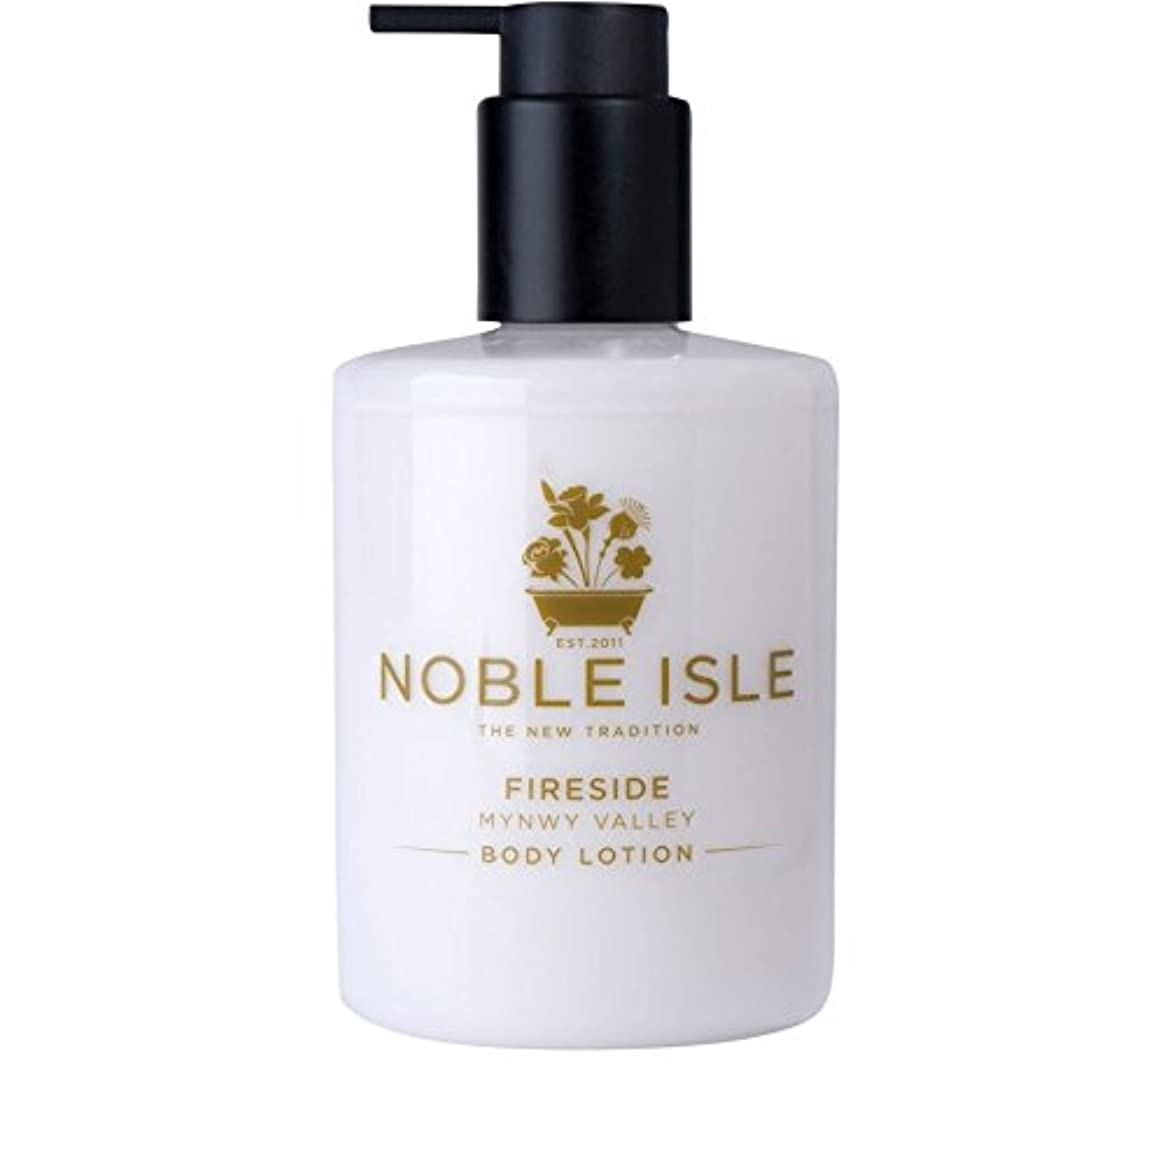 拡声器悪性食事高貴な島炉端谷のボディローション250ミリリットル x2 - Noble Isle Fireside Mynwy Valley Body Lotion 250ml (Pack of 2) [並行輸入品]